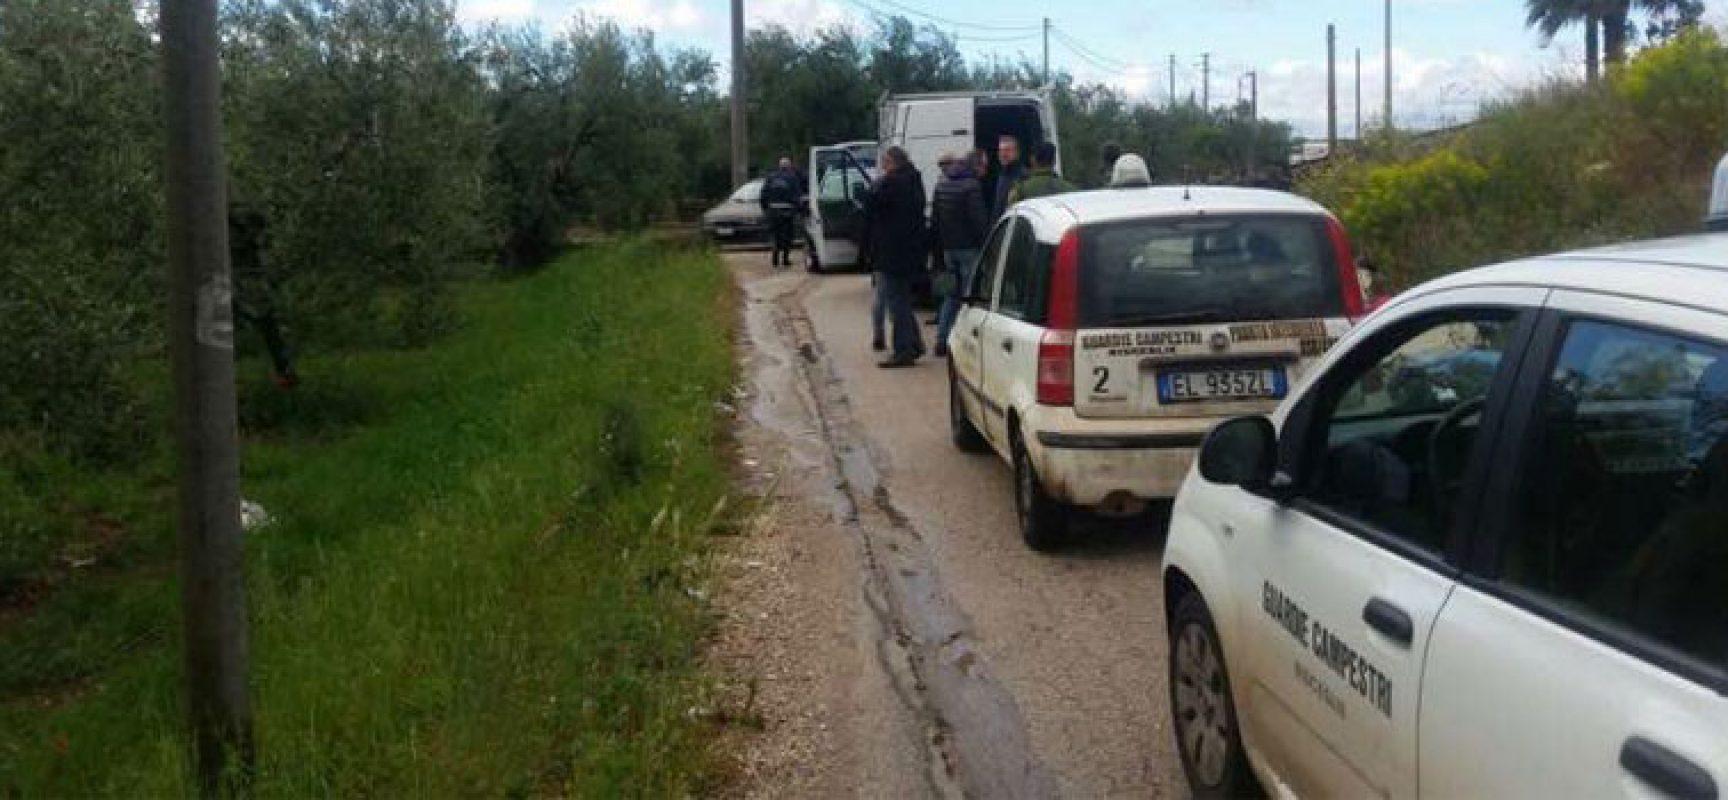 Guardie Campestri a supporto di Forze dell'Ordine nel contrasto alla criminalità rurale